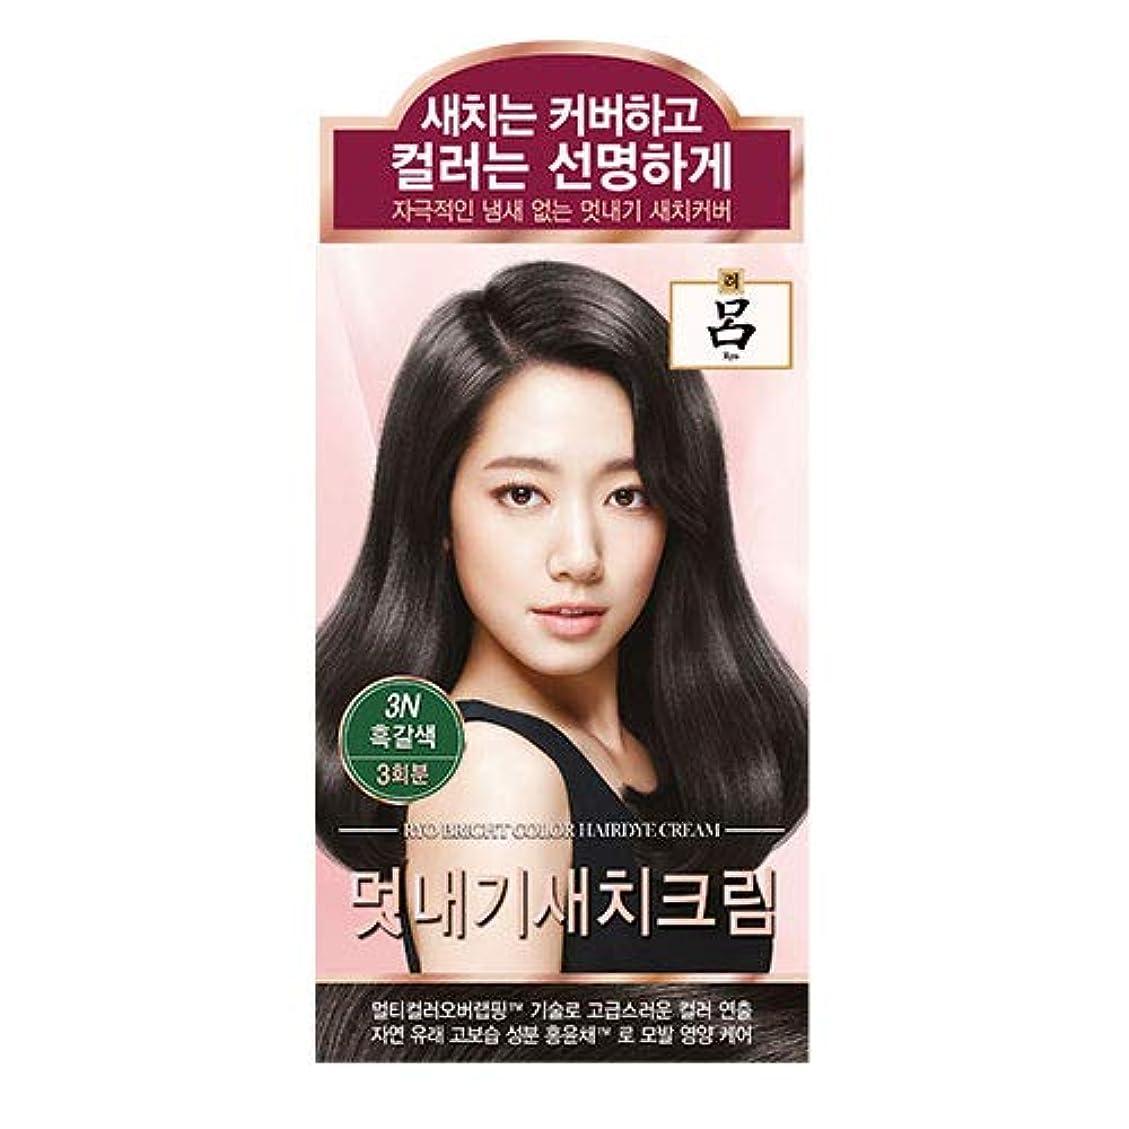 評価健康的エンジニアアモーレパシフィック呂[AMOREPACIFIC/Ryo] ブライトカラーヘアアイクリーム 3N ダークブラウン/Bright Color Hairdye Cream 3N Dark Brown